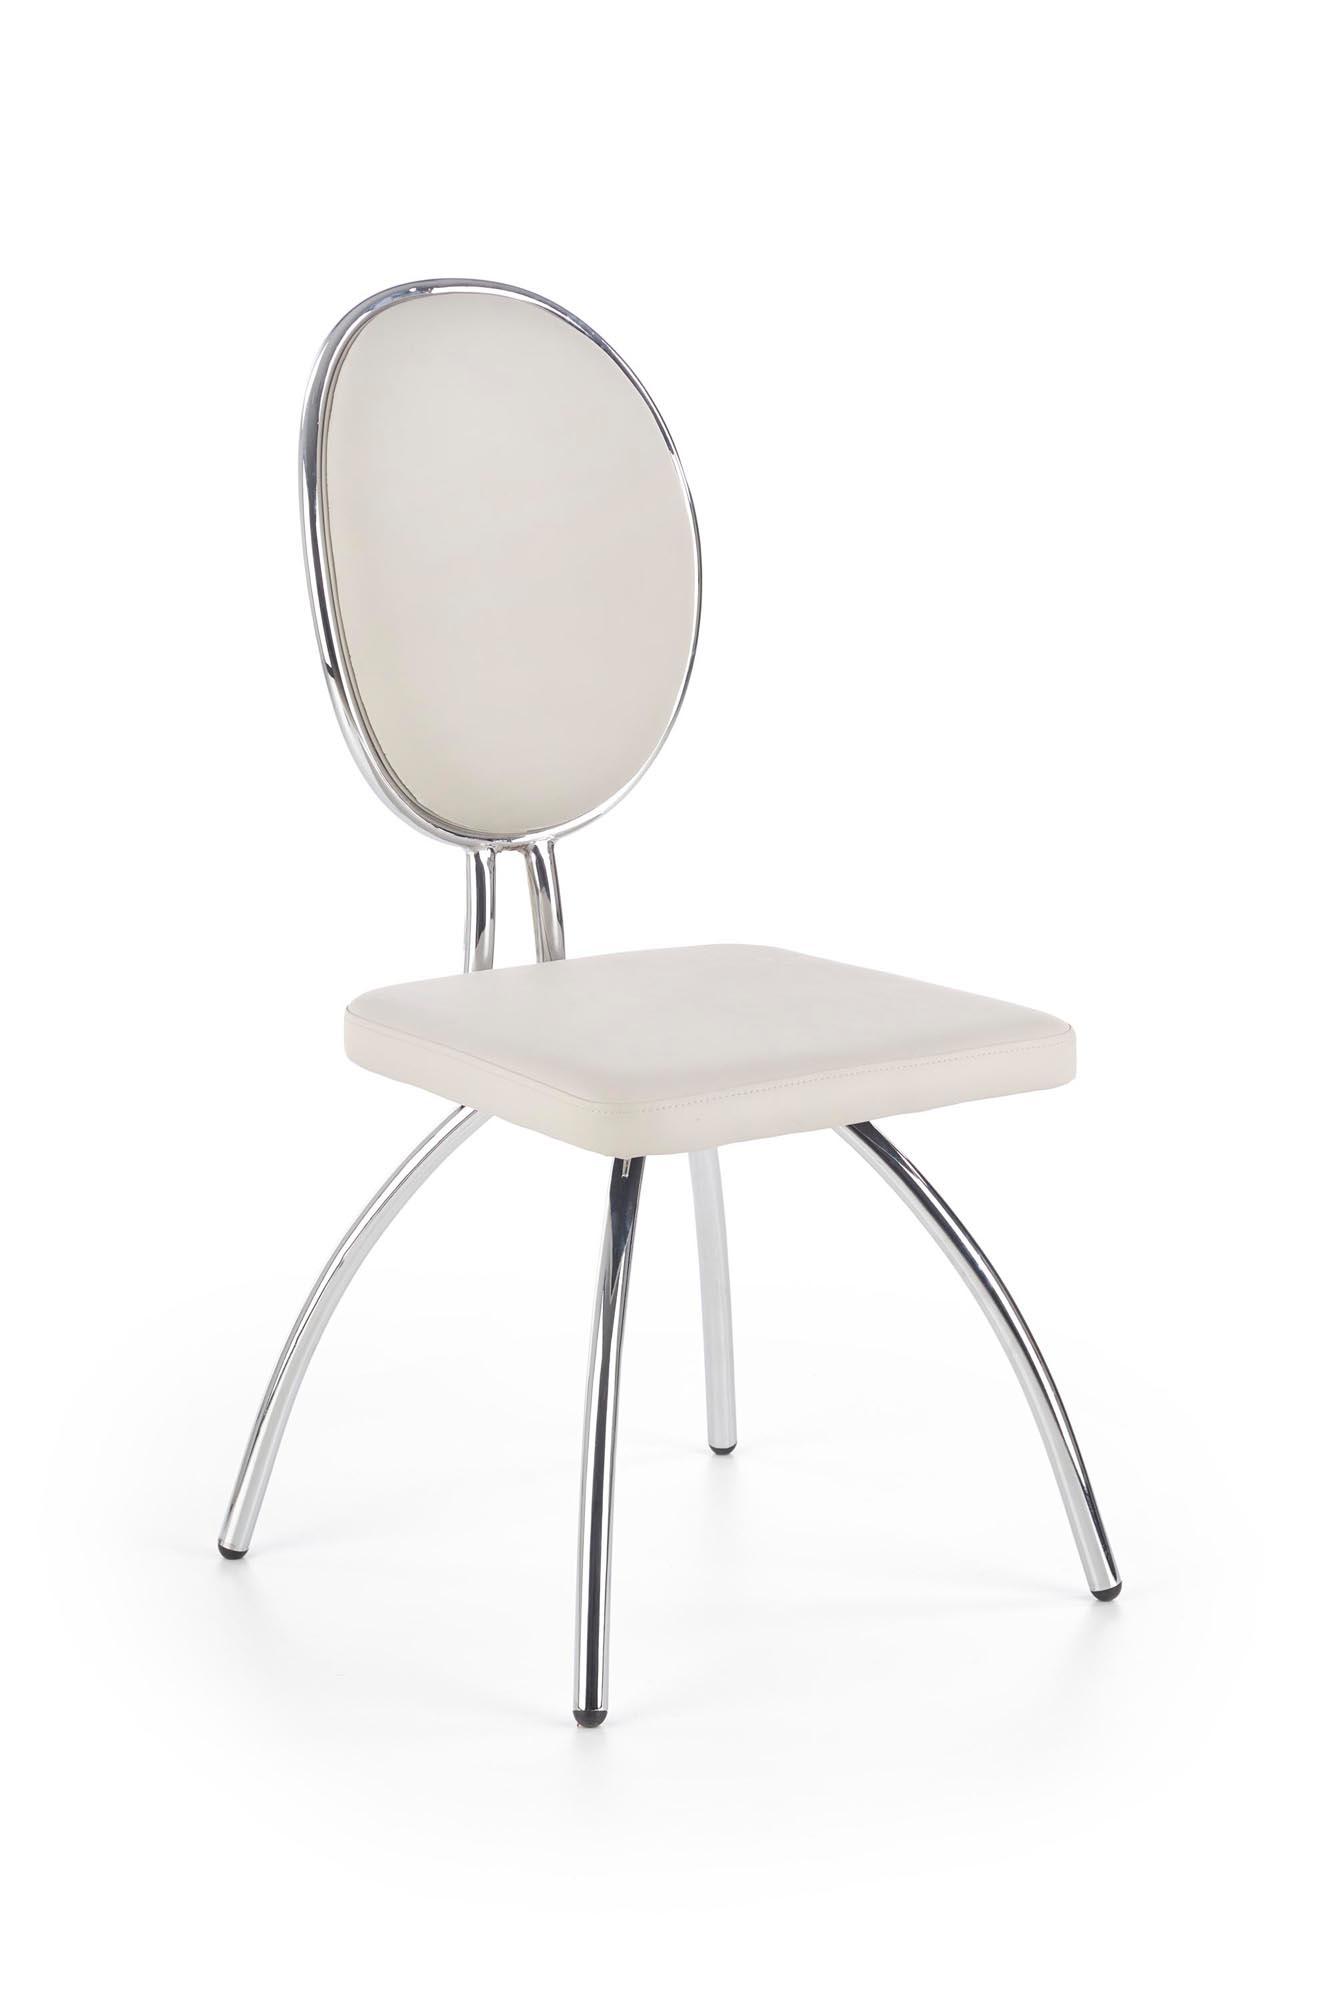 K297 krzesło jasny popiel / chrom (2p=4szt)